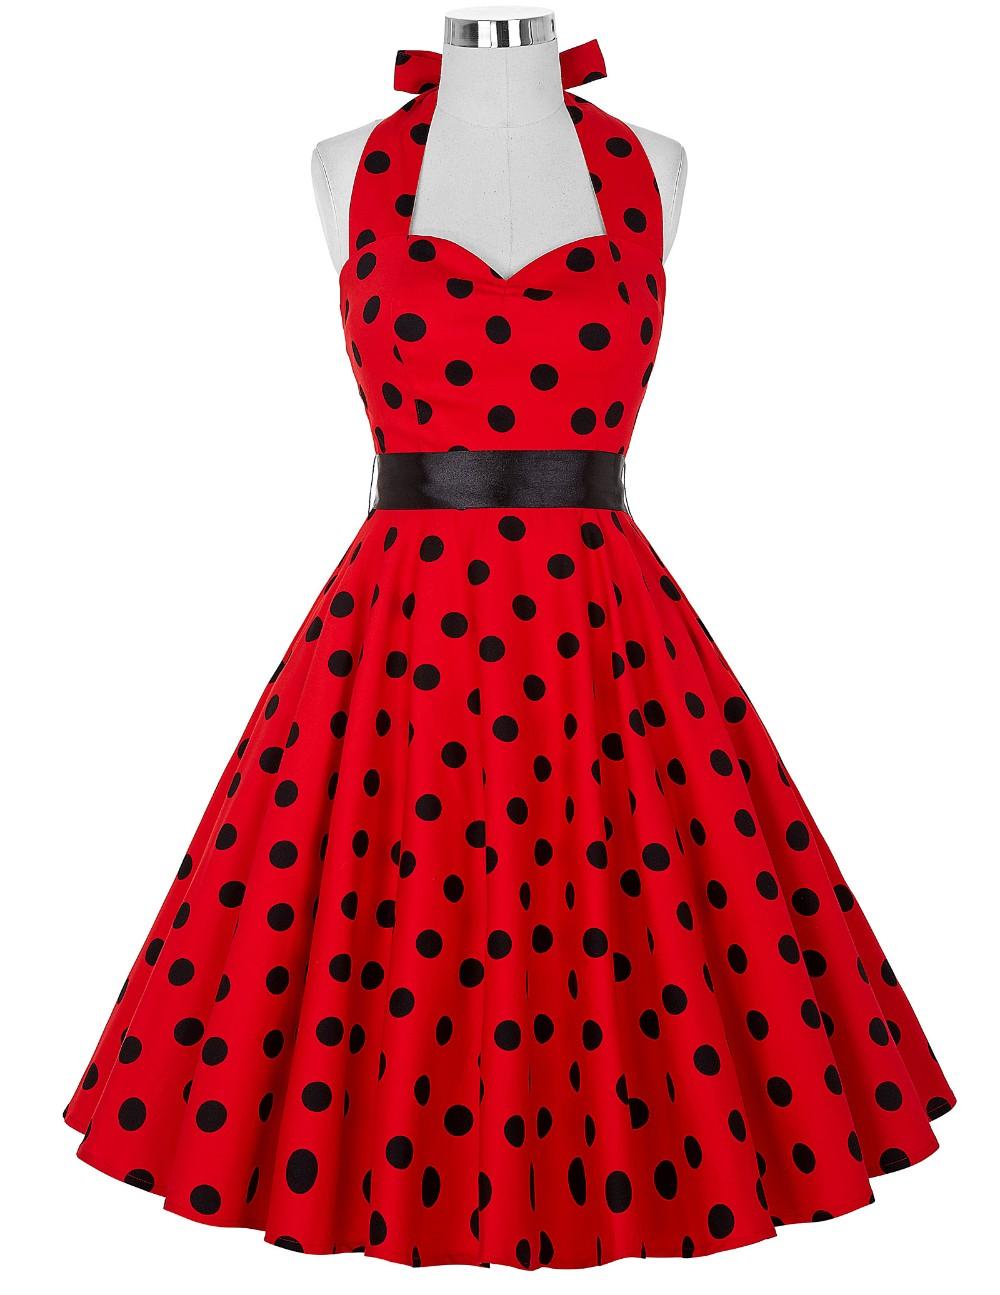 Женщины Летнее Платье 2016 Плюс Размер Одежды Халат Ретро Большие Качели Повседневные Вечерние Жилетidos Горошек 50 s Рокабилли Vintage платья